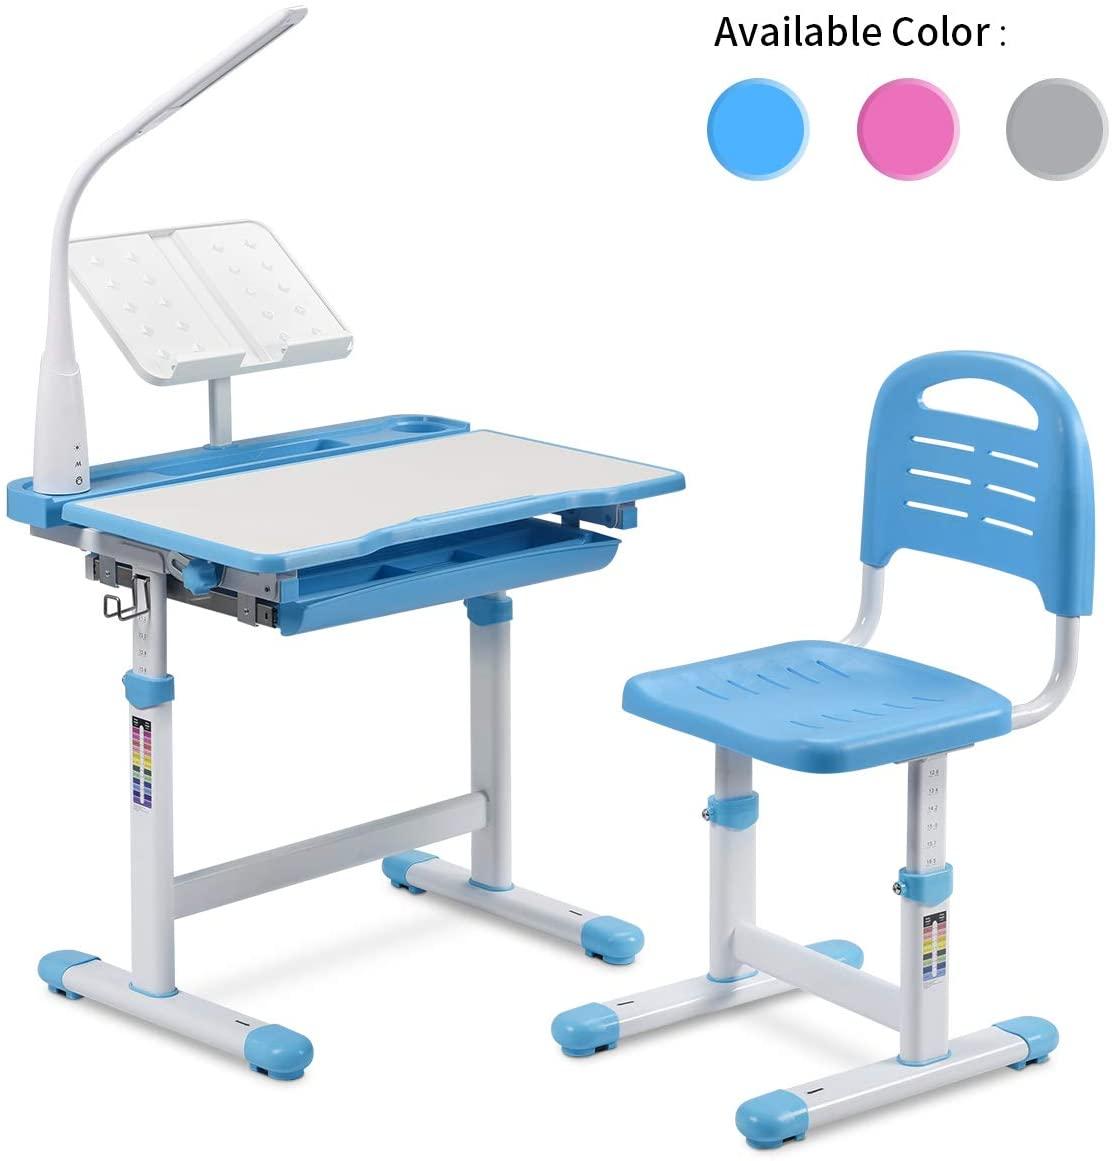 LINKLIFE Kids Functional Desk and Chair Set, Height Adjustable Children School Study Desk with Tilt Desktop, Bookstand, Pencil Case,LED Light, Metal Hook and Storage Drawer for Boys Girls (Blue)…